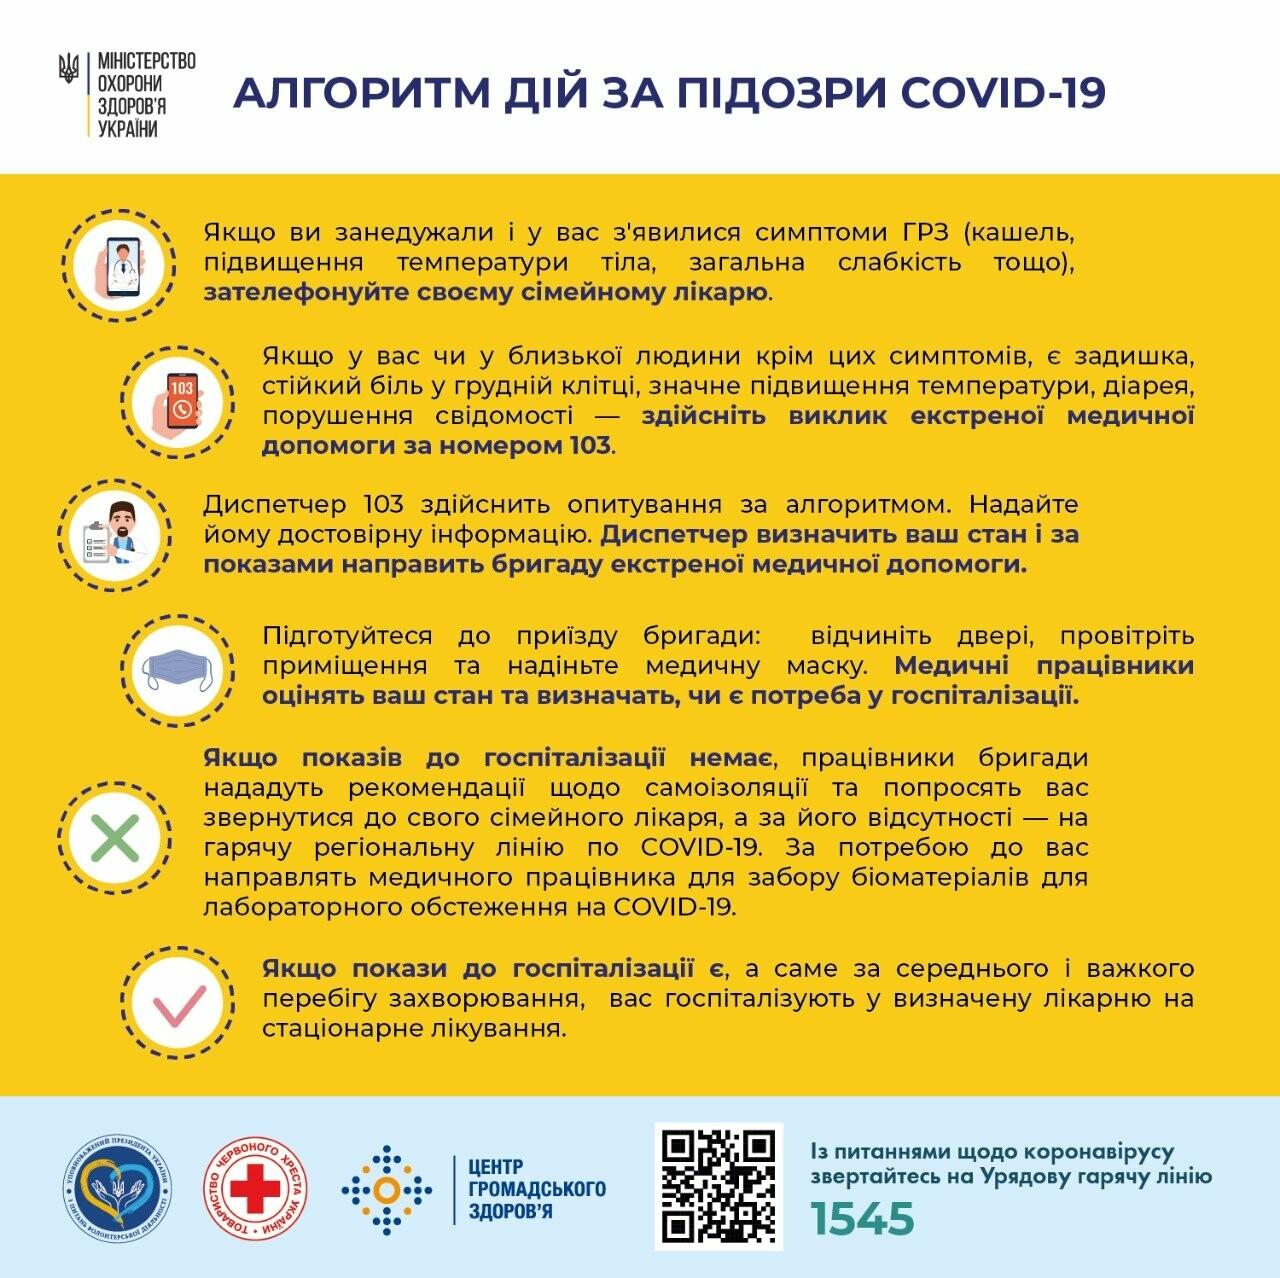 Резкое ухудшение ситуации с COVID-19 на Донетчине. Плюс один -  в Мариуполе, плюс 19 – в Славянске, фото-2